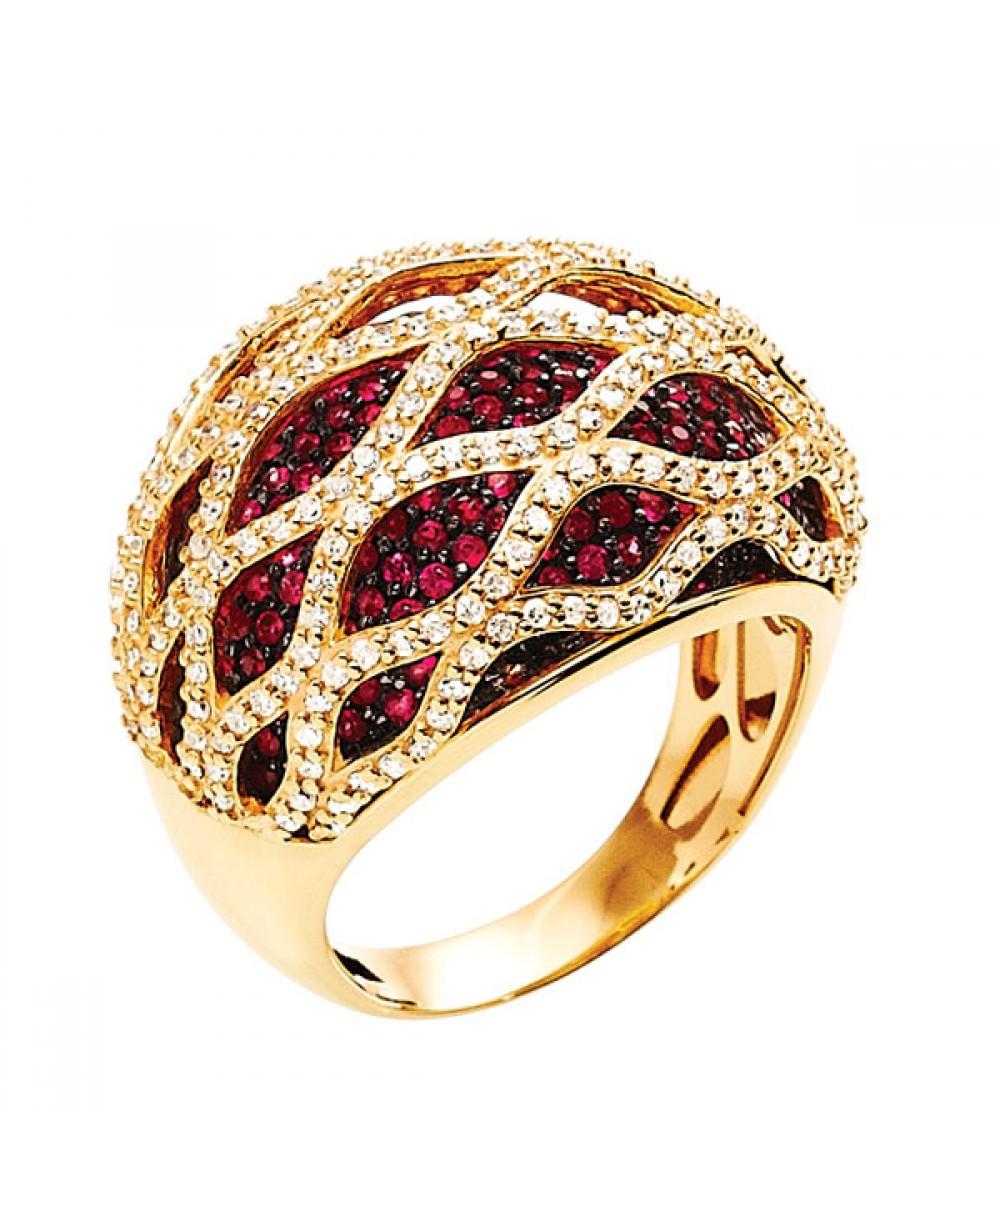 79401cb3bba Anel em Ouro 18K com Pedras Rubis e Diamantes lapidação brilhante